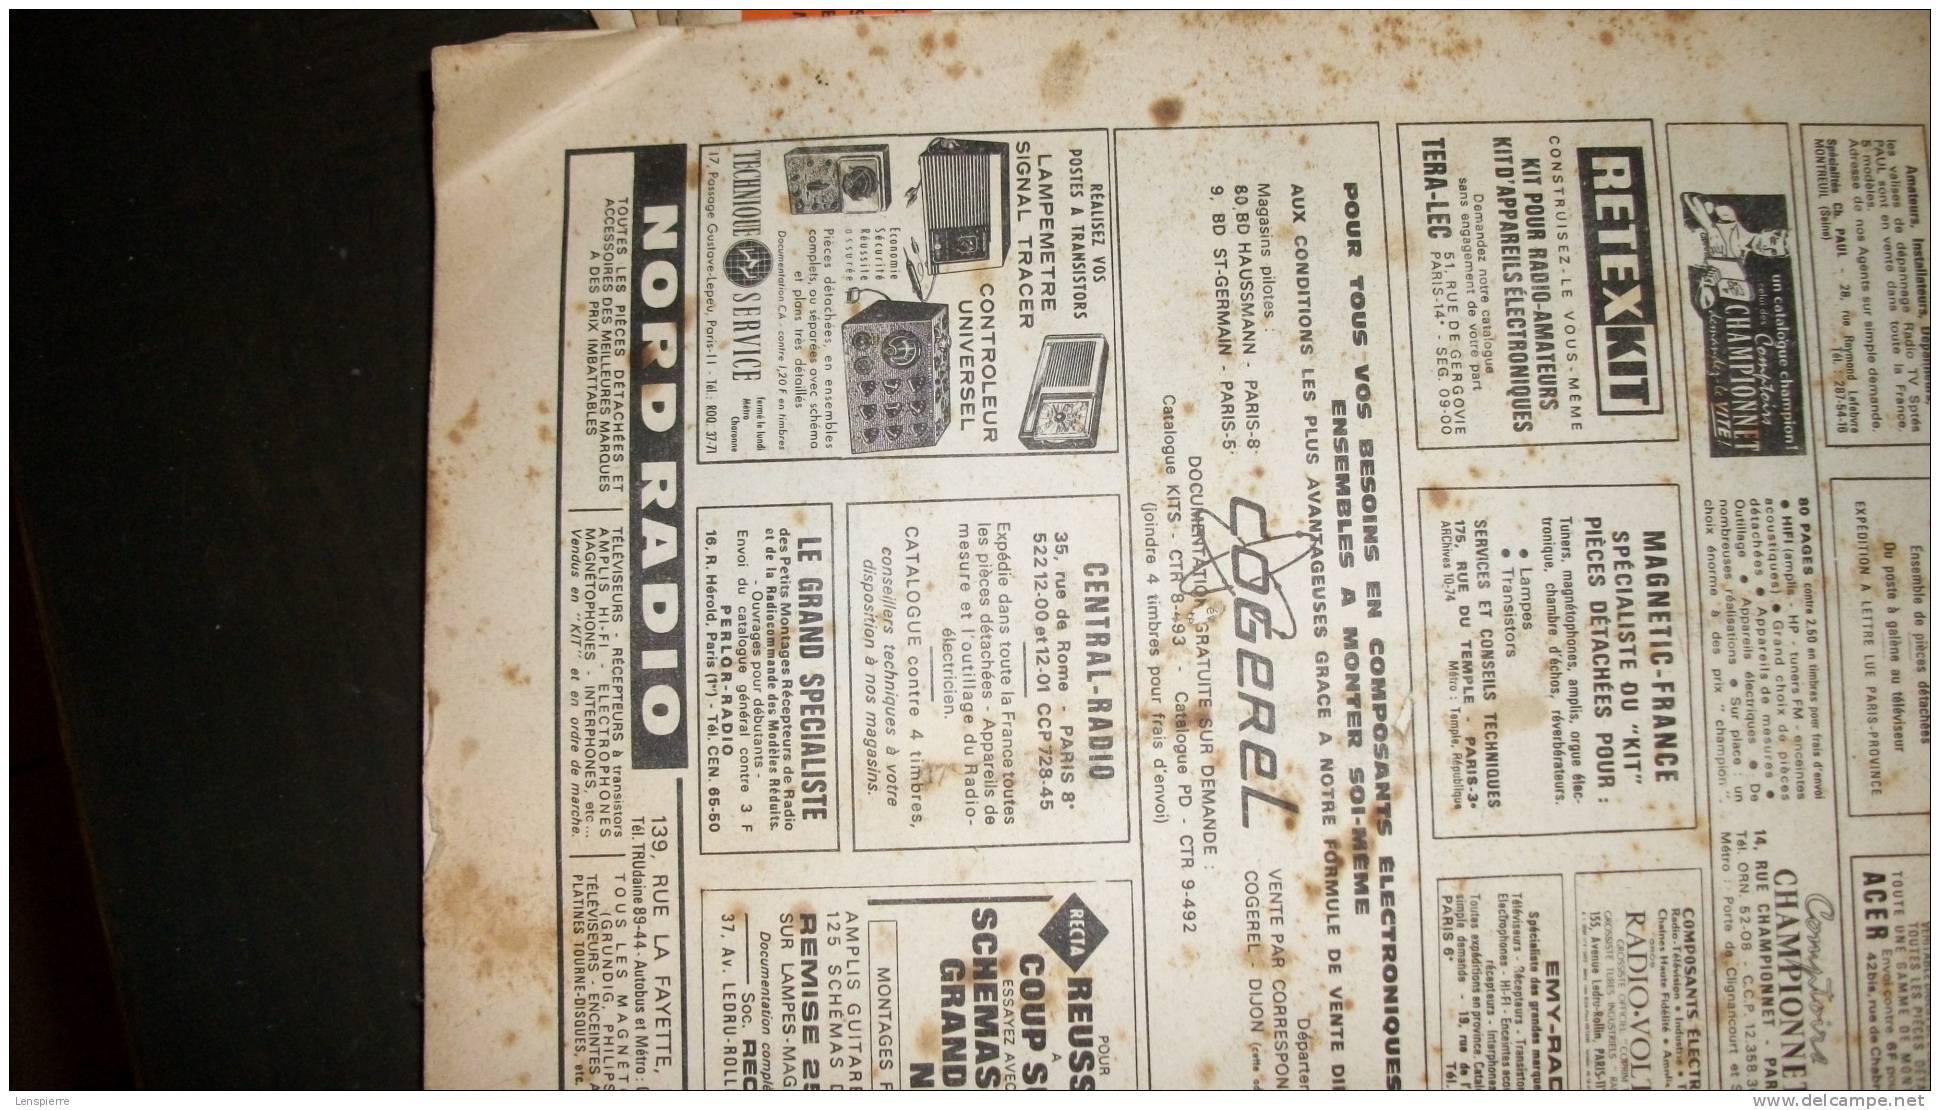 LOT DE 9 REVUES - TECHNIQUE RADIO - N° 39 à 47 VOTRE CARRIERE - ANNEE 1965 - Unclassified